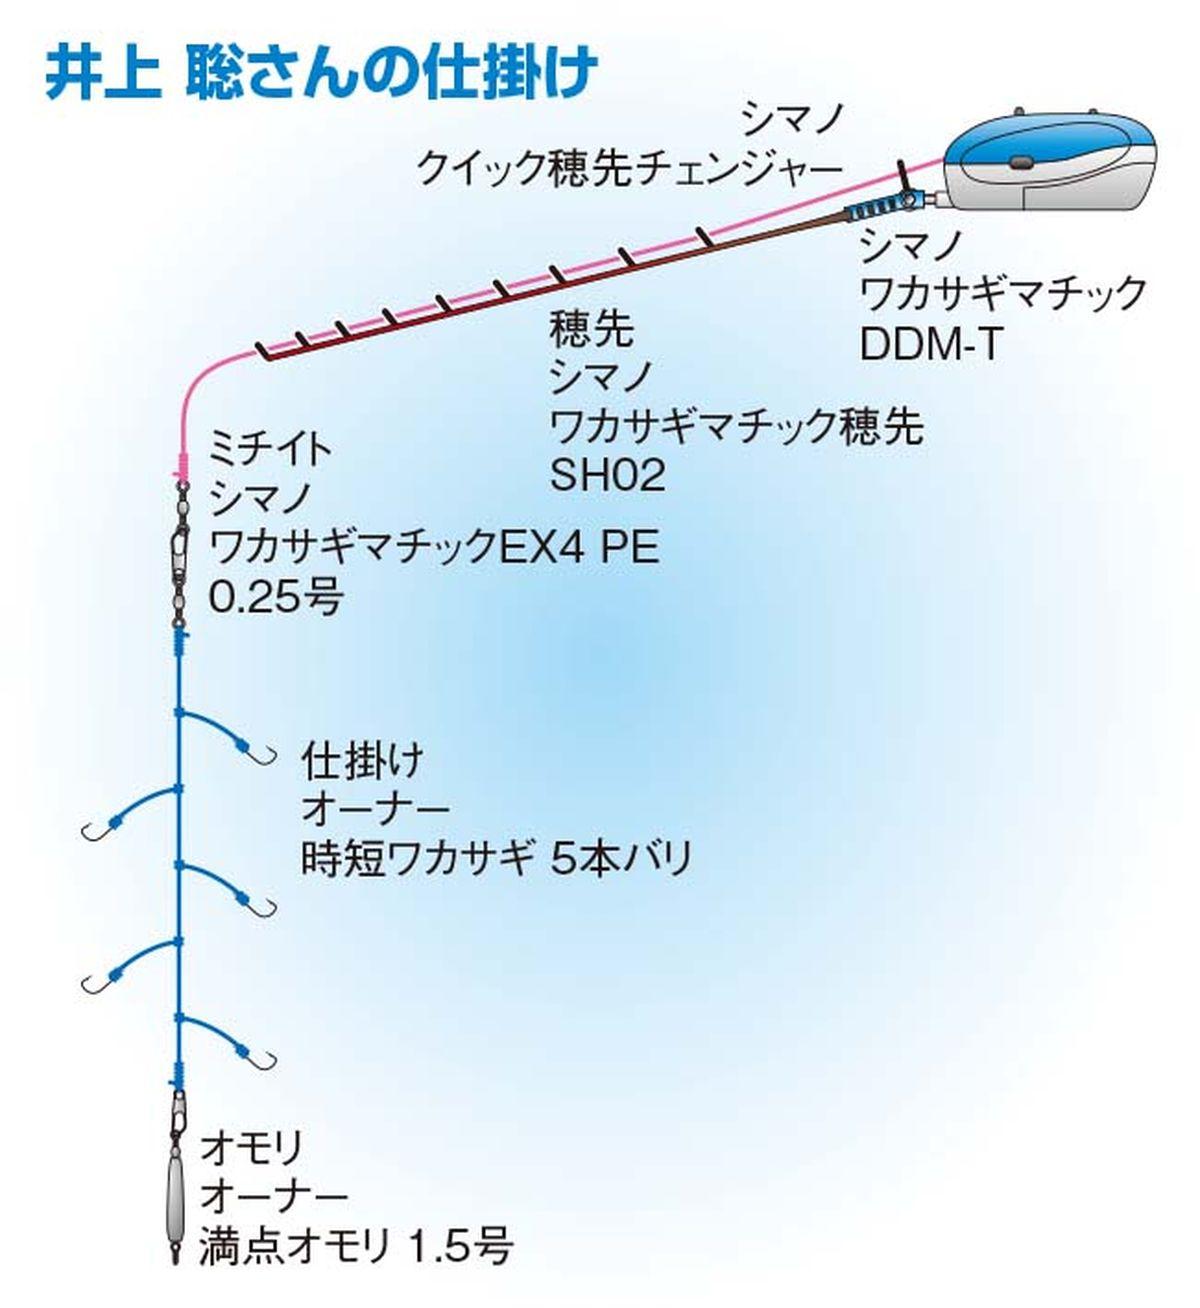 074-077wakasagi_cs6 (25)